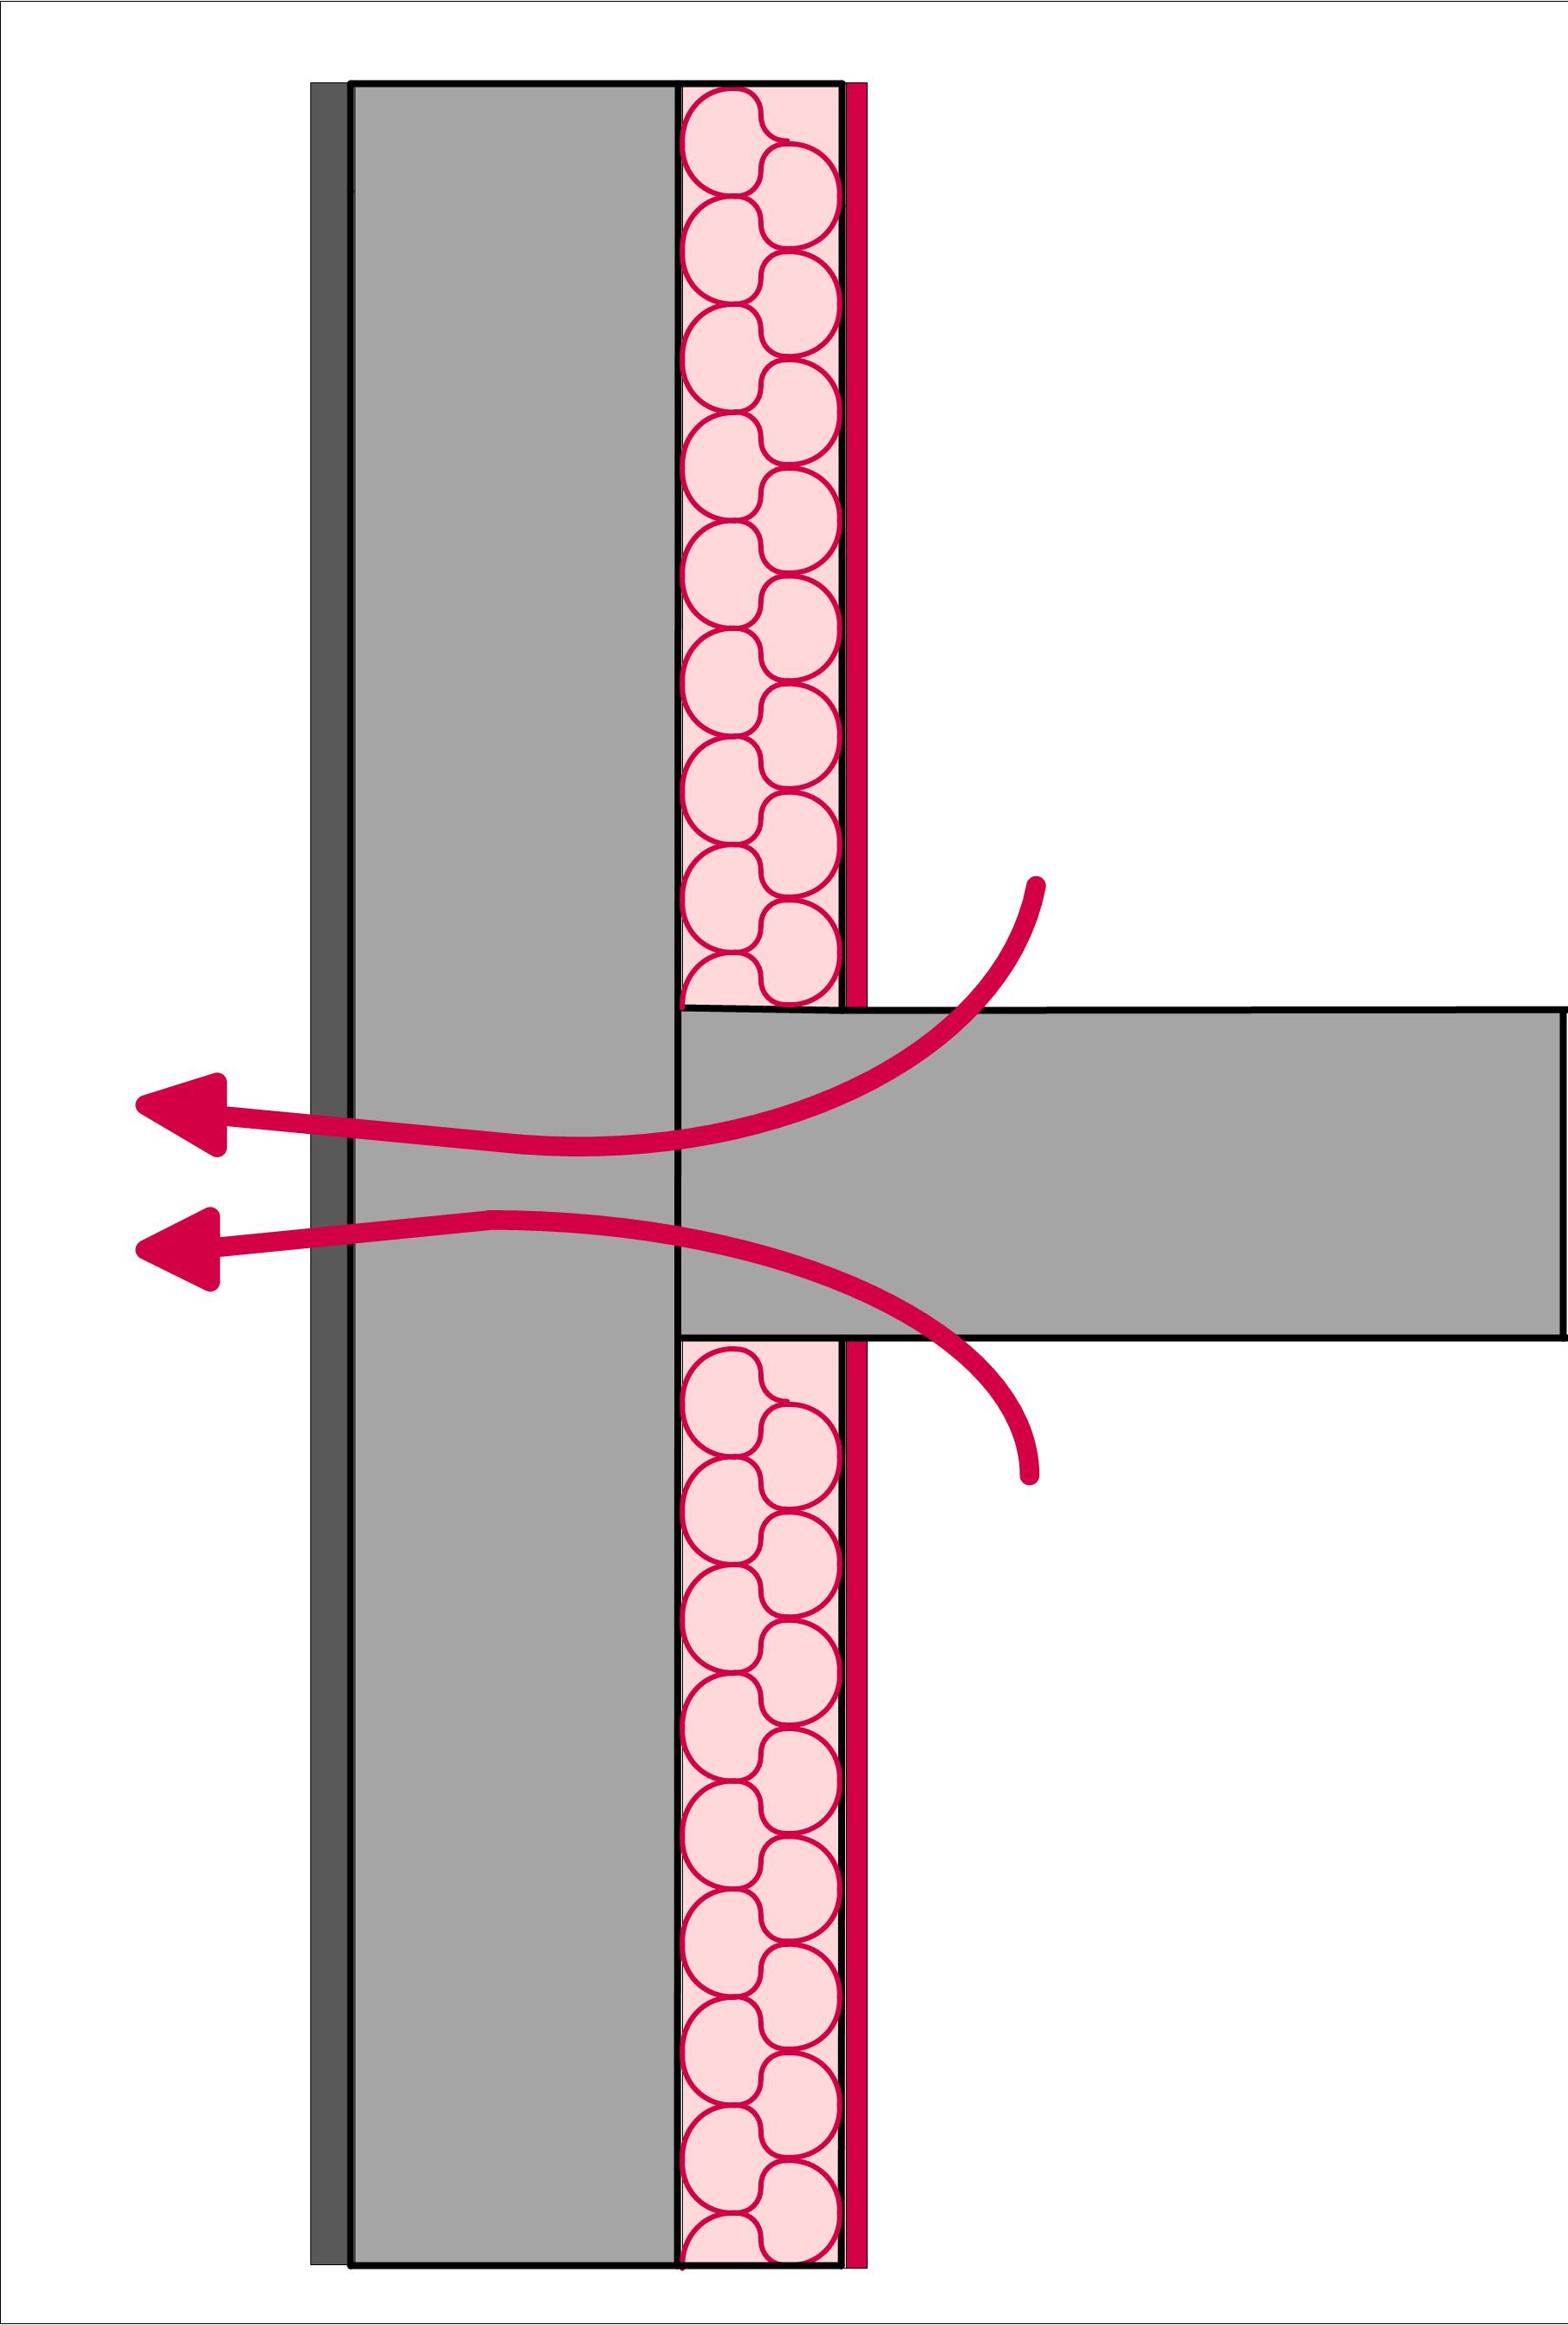 Pont Thermique Wikipédia